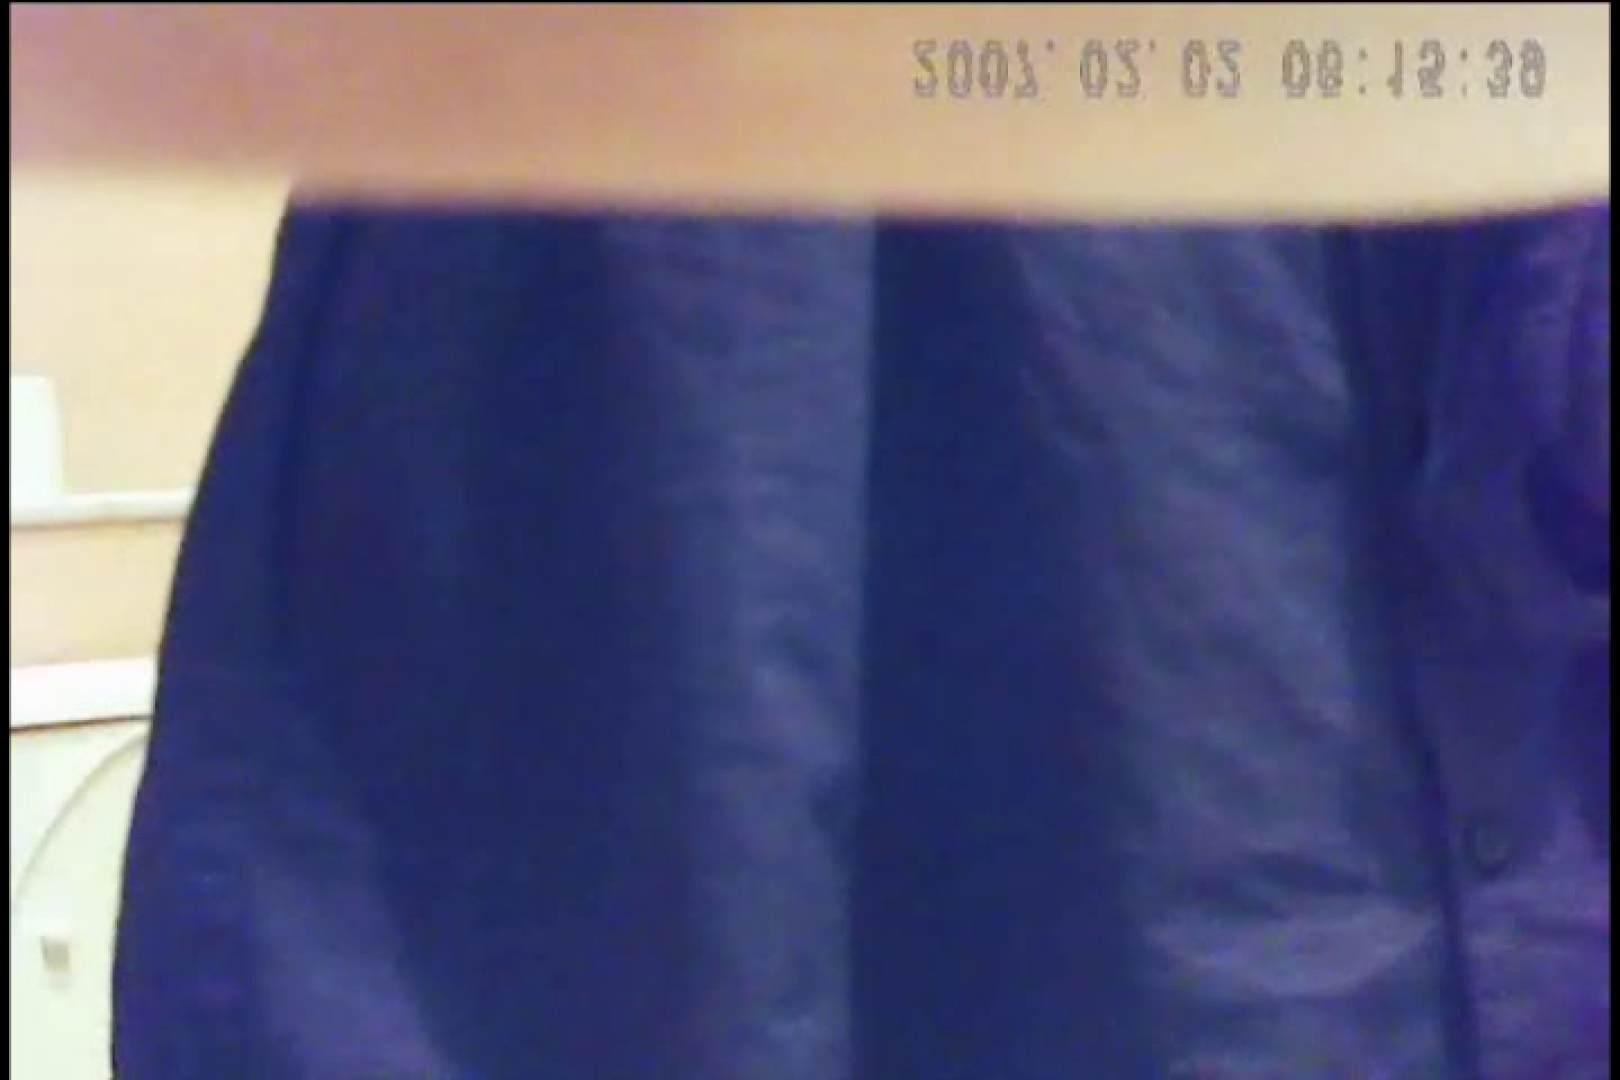 画質向上!新亀さん厠 vol.57 マンコエロすぎ 濡れ場動画紹介 95PIX 63